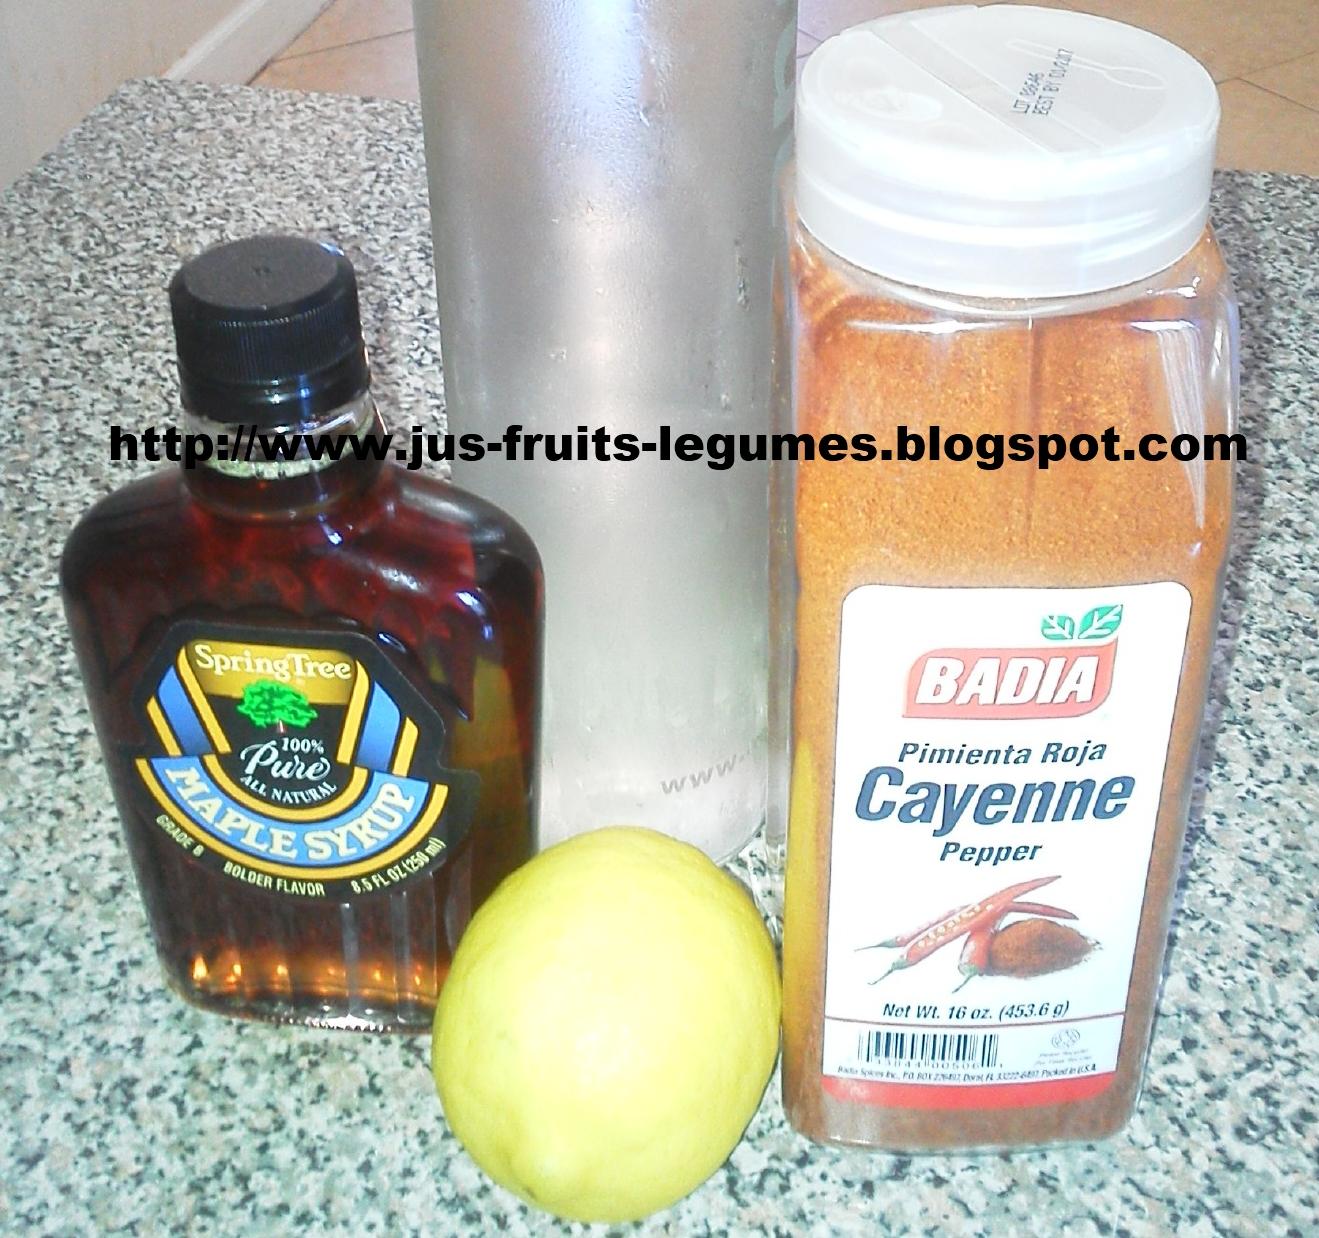 Les effets secondaires du Master Cleanse (eau, citron